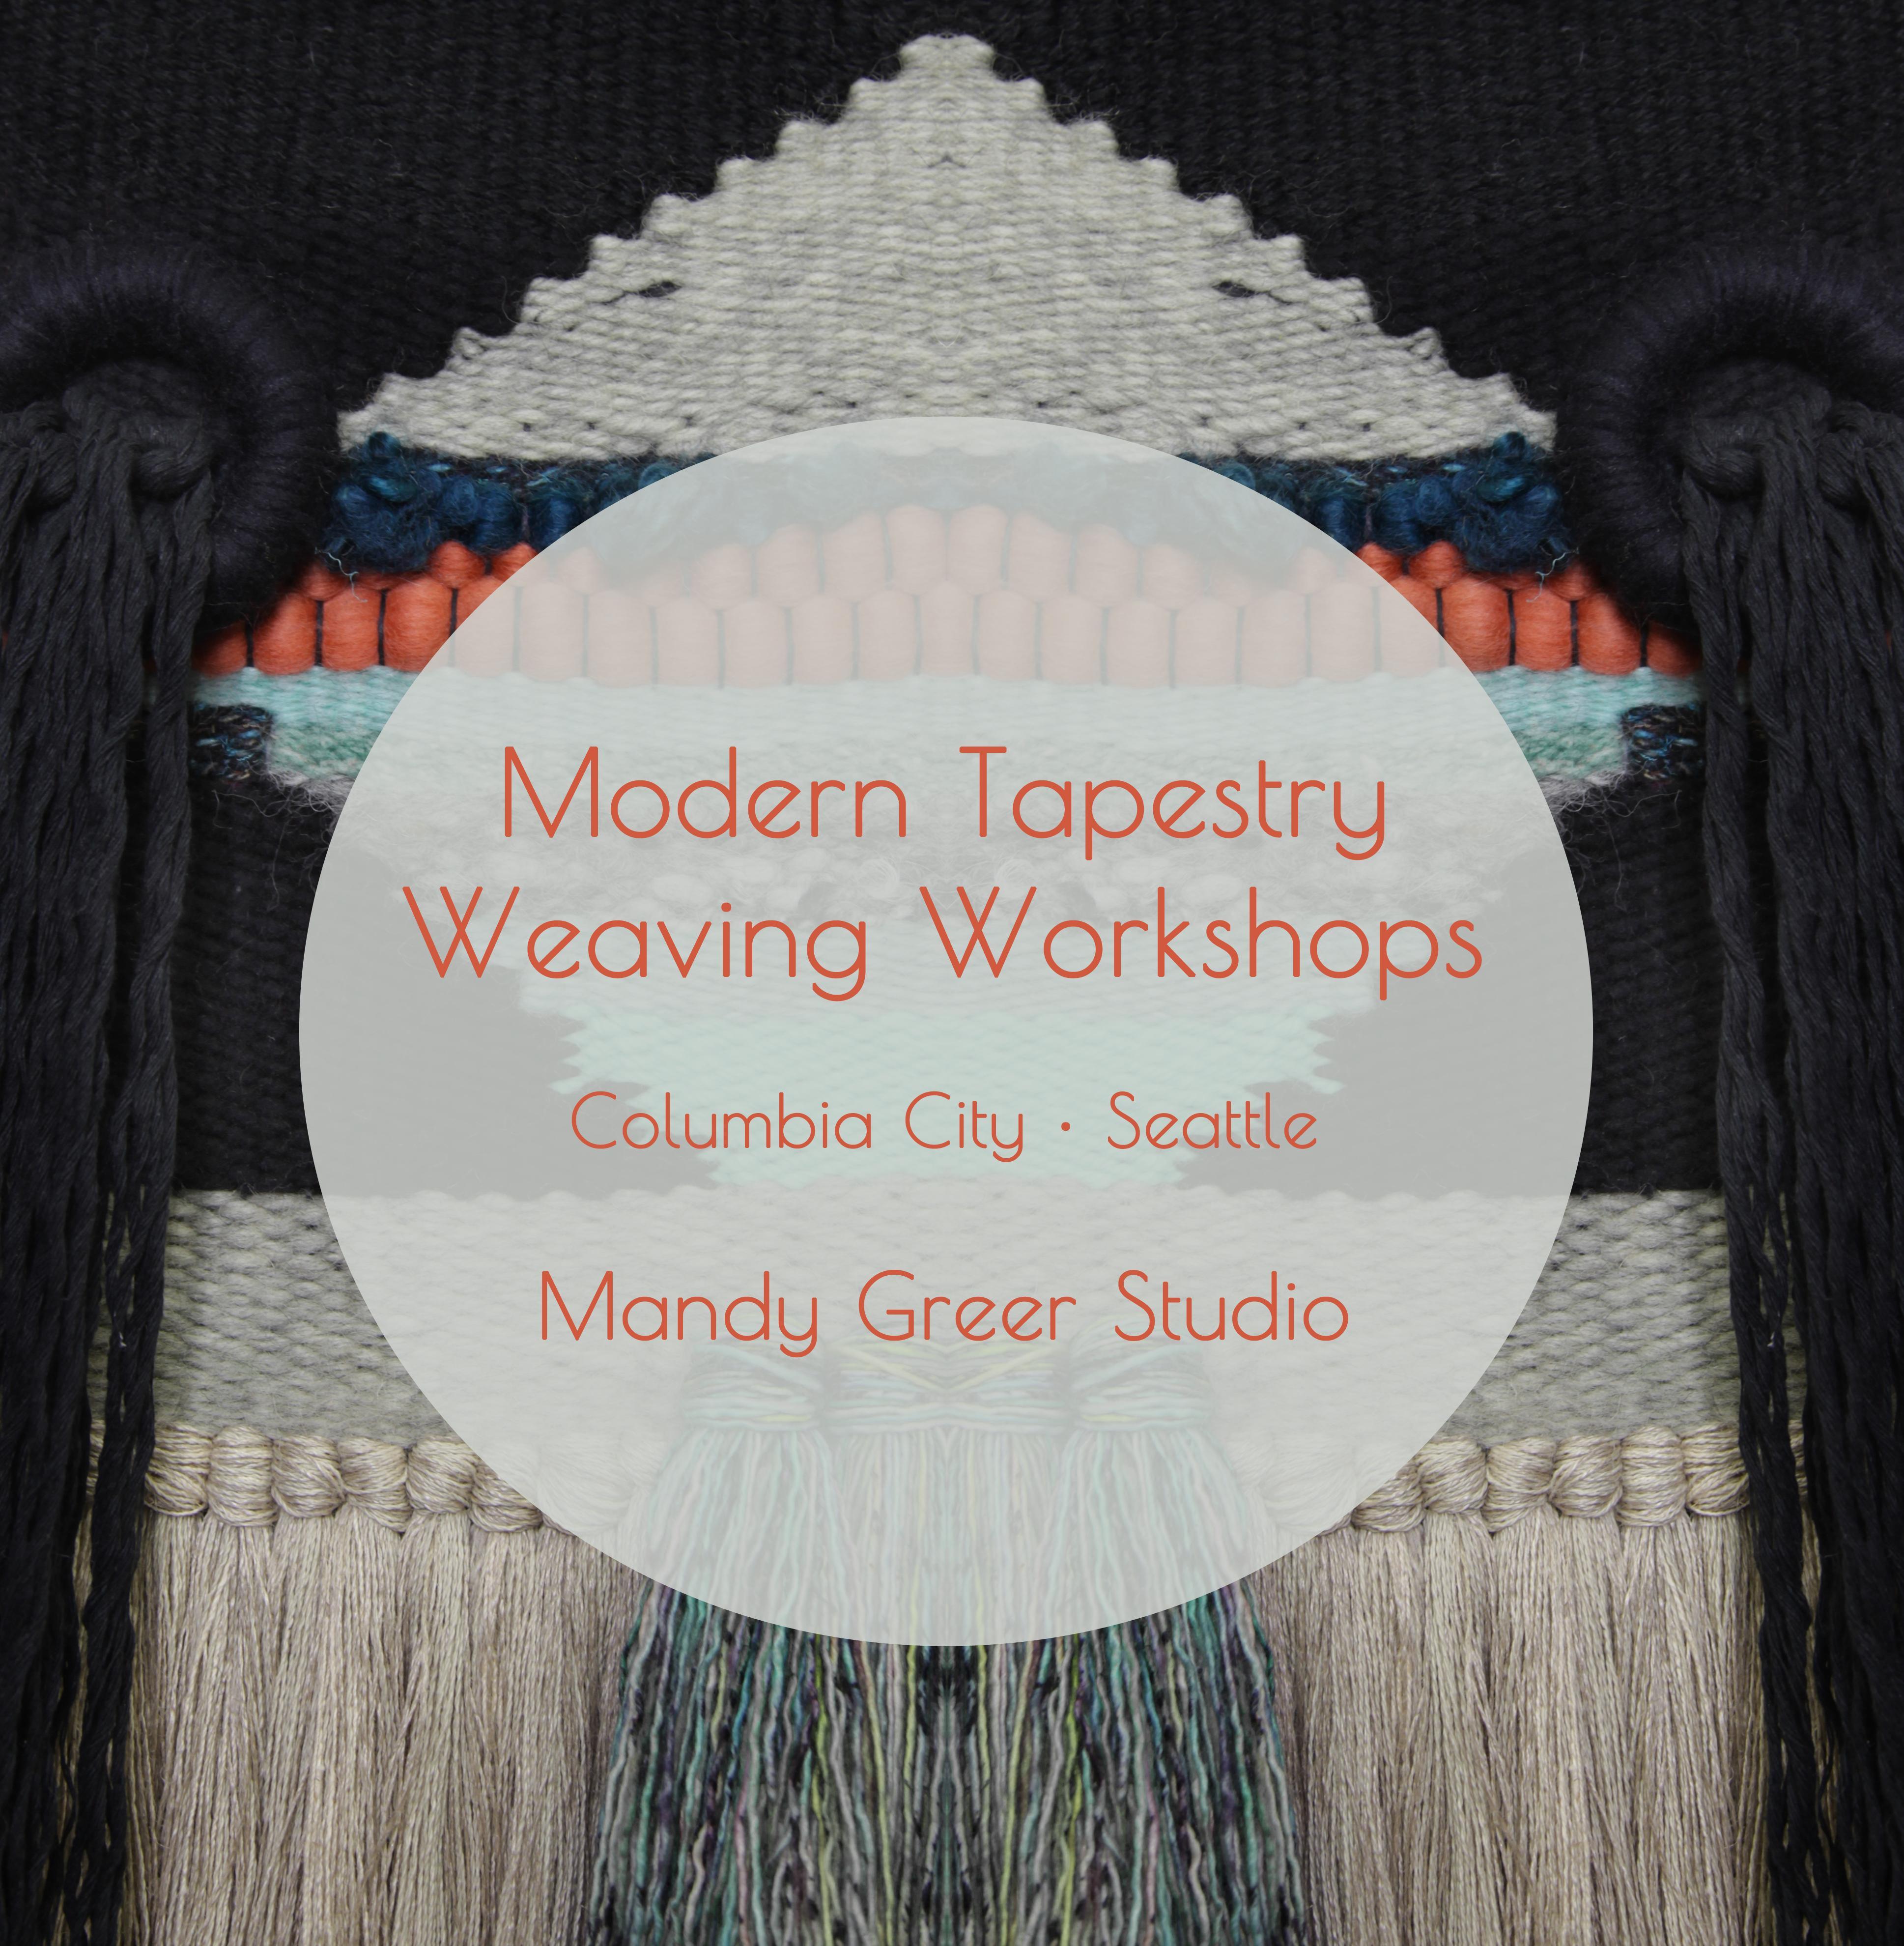 Modern Tapestry Weaving Workshops